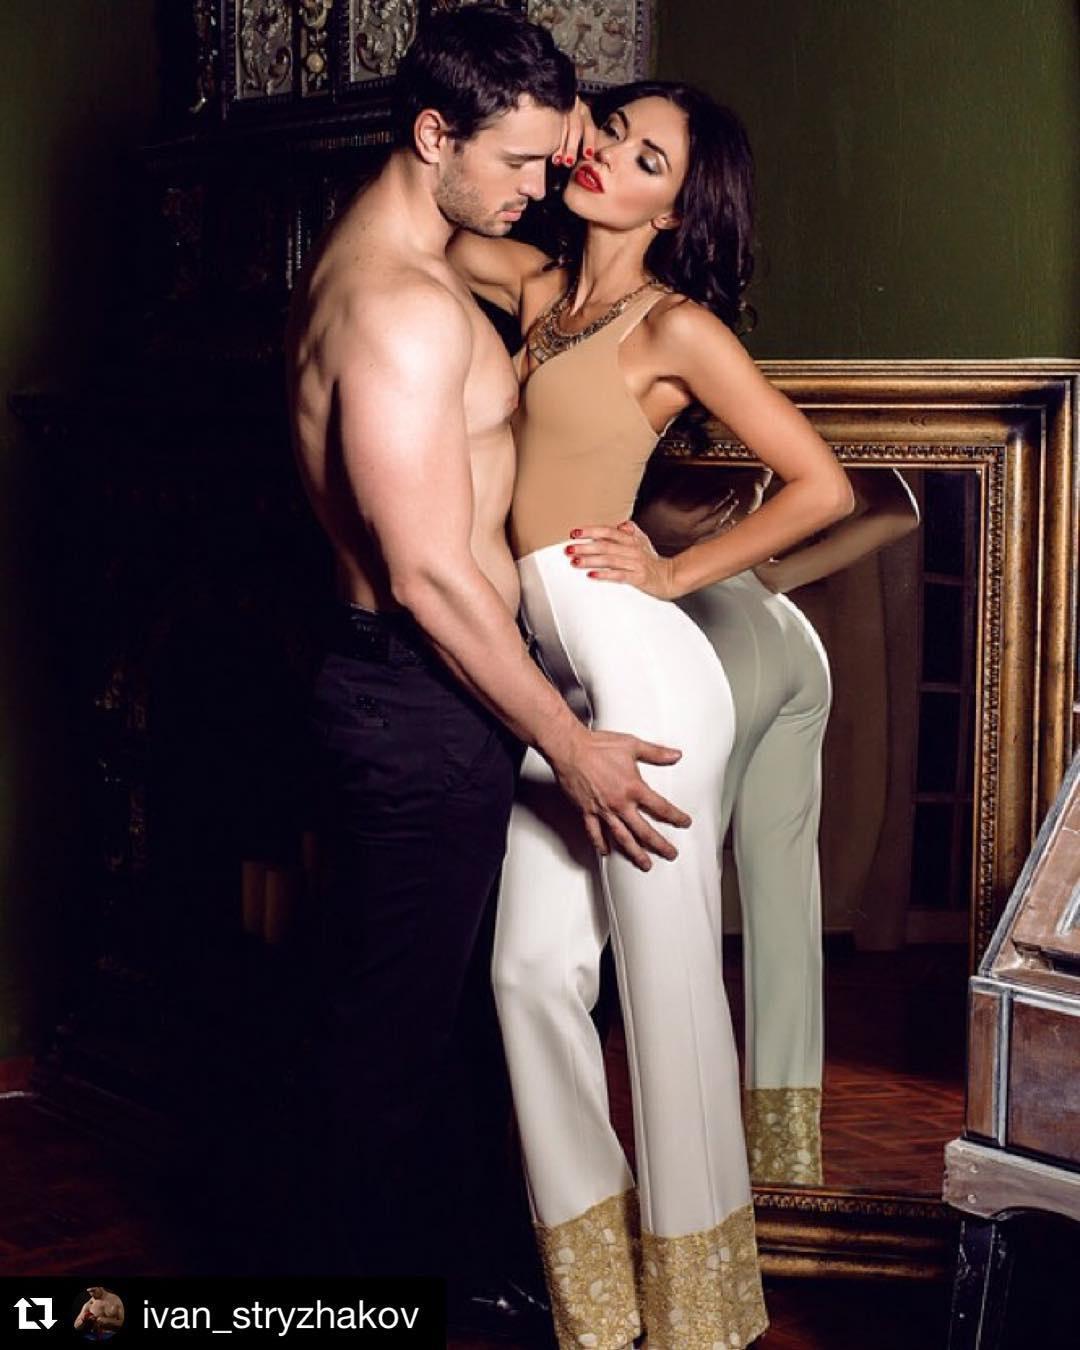 """Віка з """"НеАнгелів"""" знялася в страсний фотосесії з оголеним коханим (фото)"""